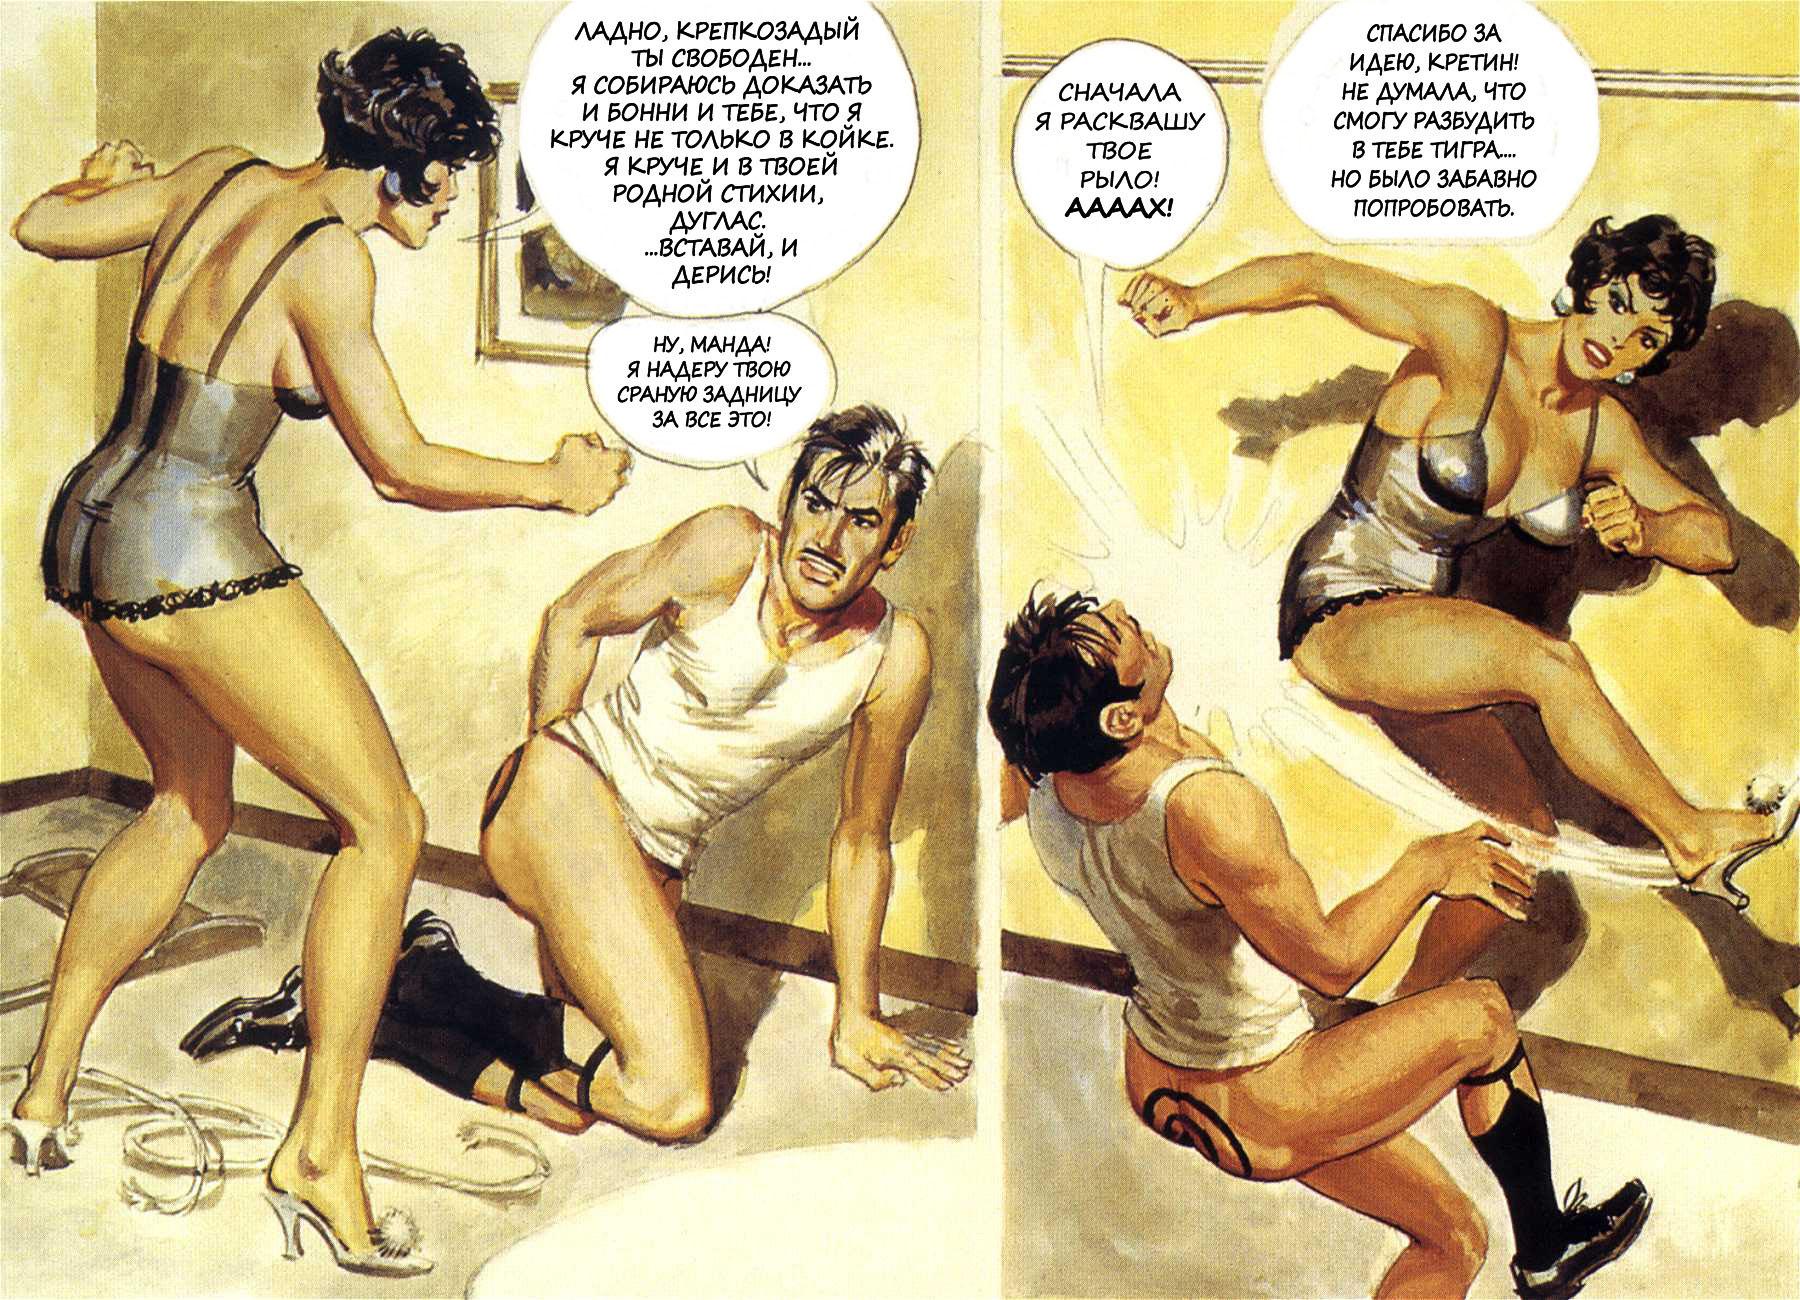 otkuda-poyavilsya-seks